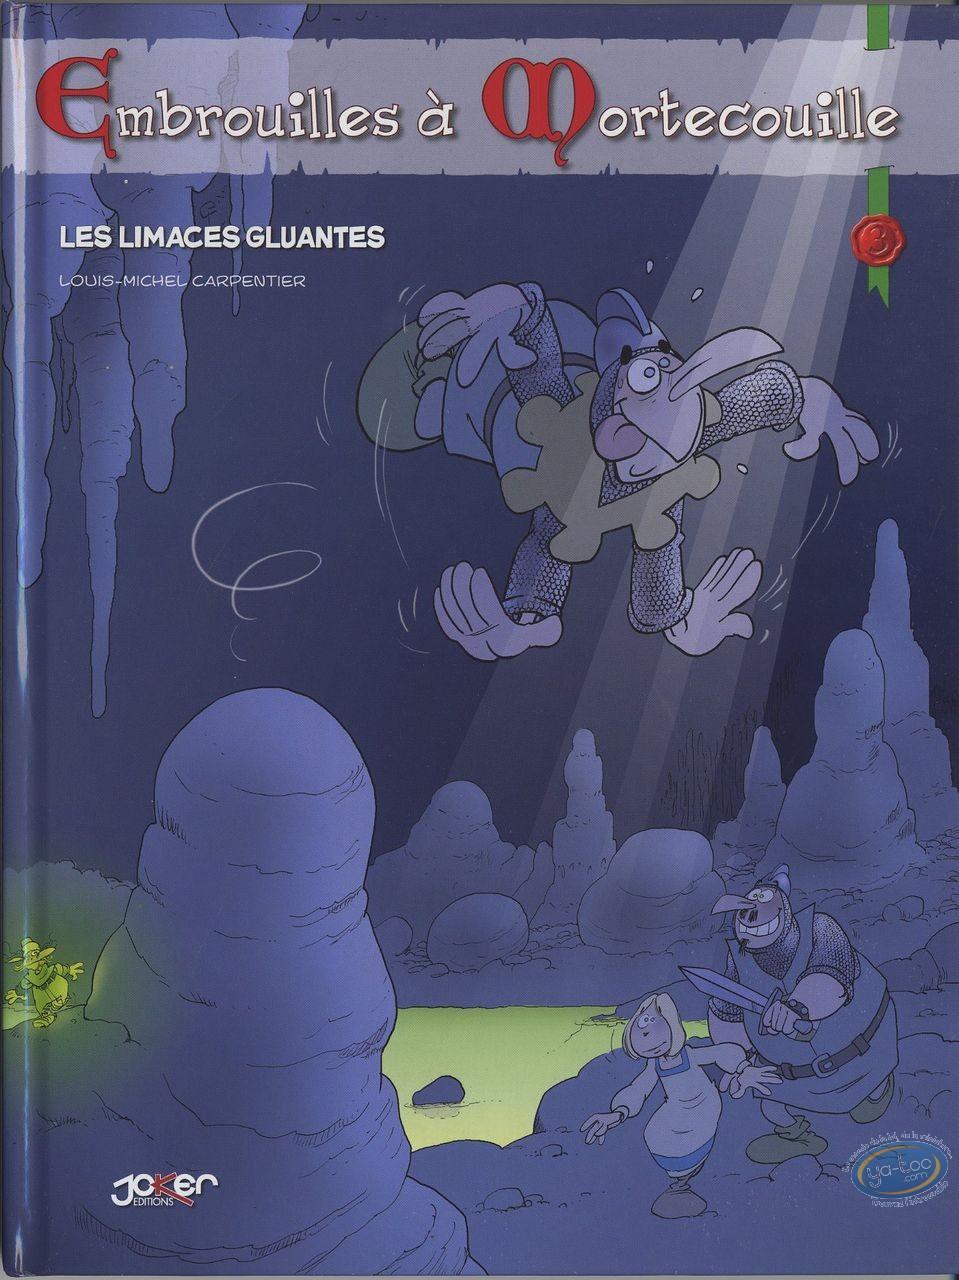 Reduced price European comic books, Ambrouilles à Mortecouille : Les limaces gluantes